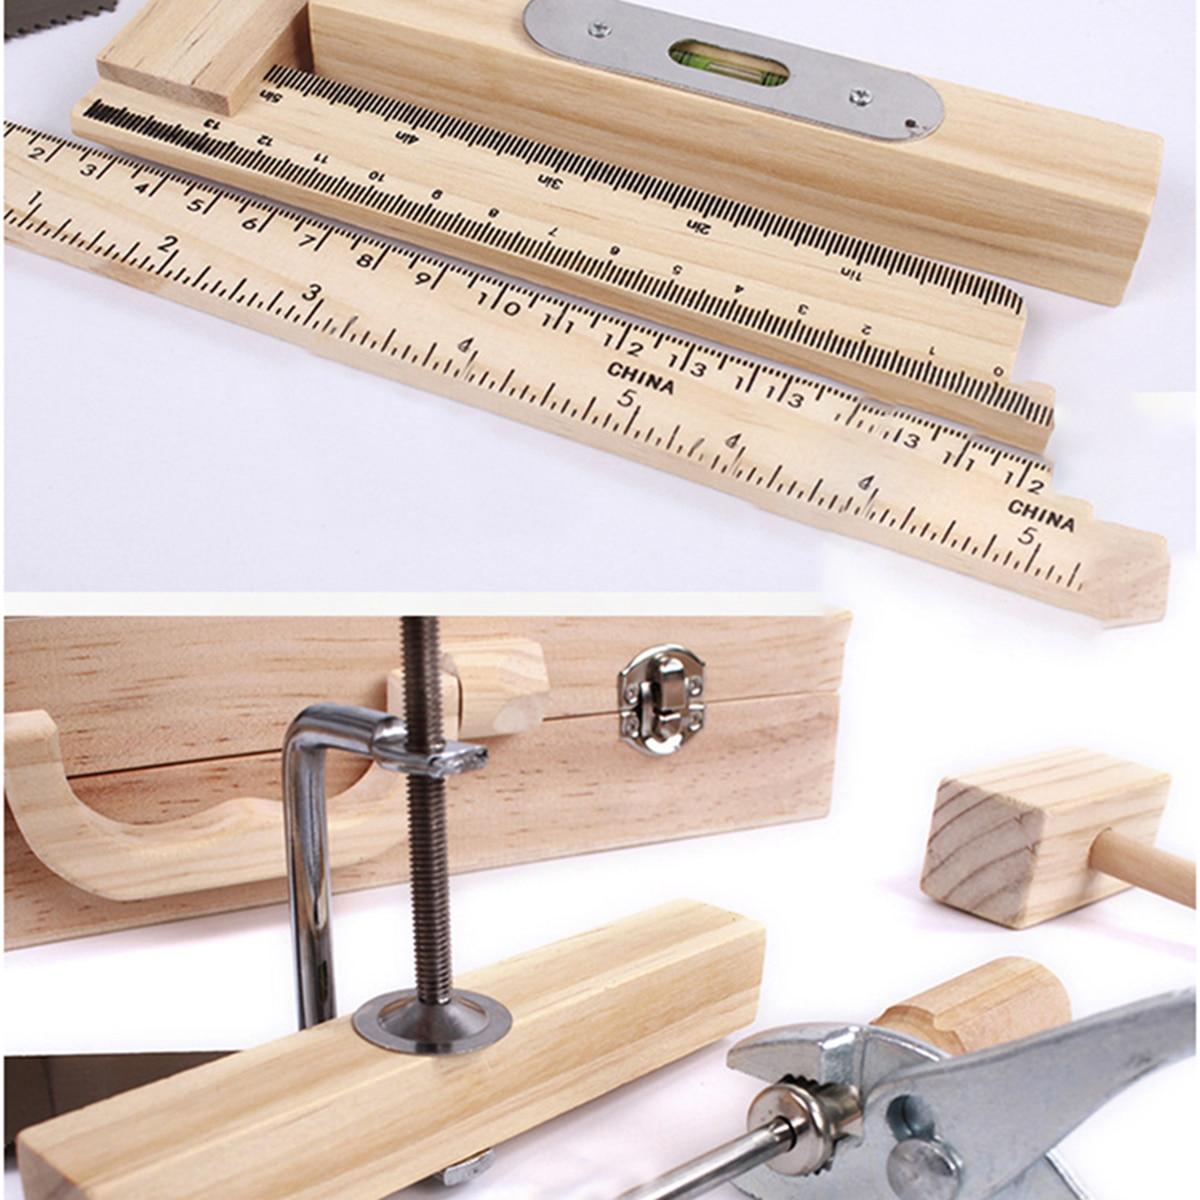 desmontagem multi-purpose carpintaria caixa de madeira menino